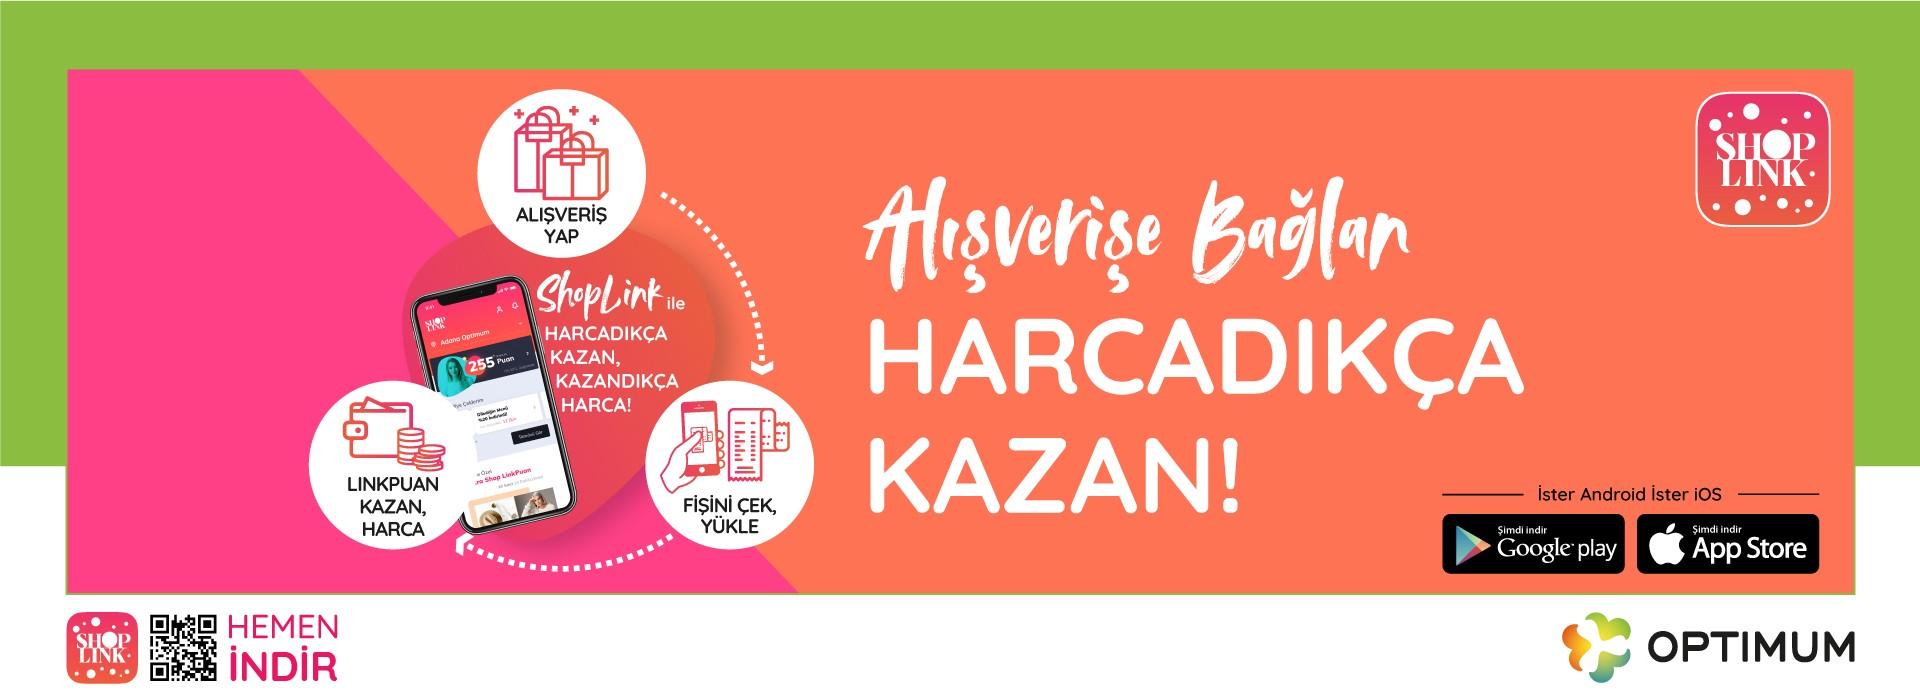 Alışverişe Bağlan Harcadıkça Kazan!